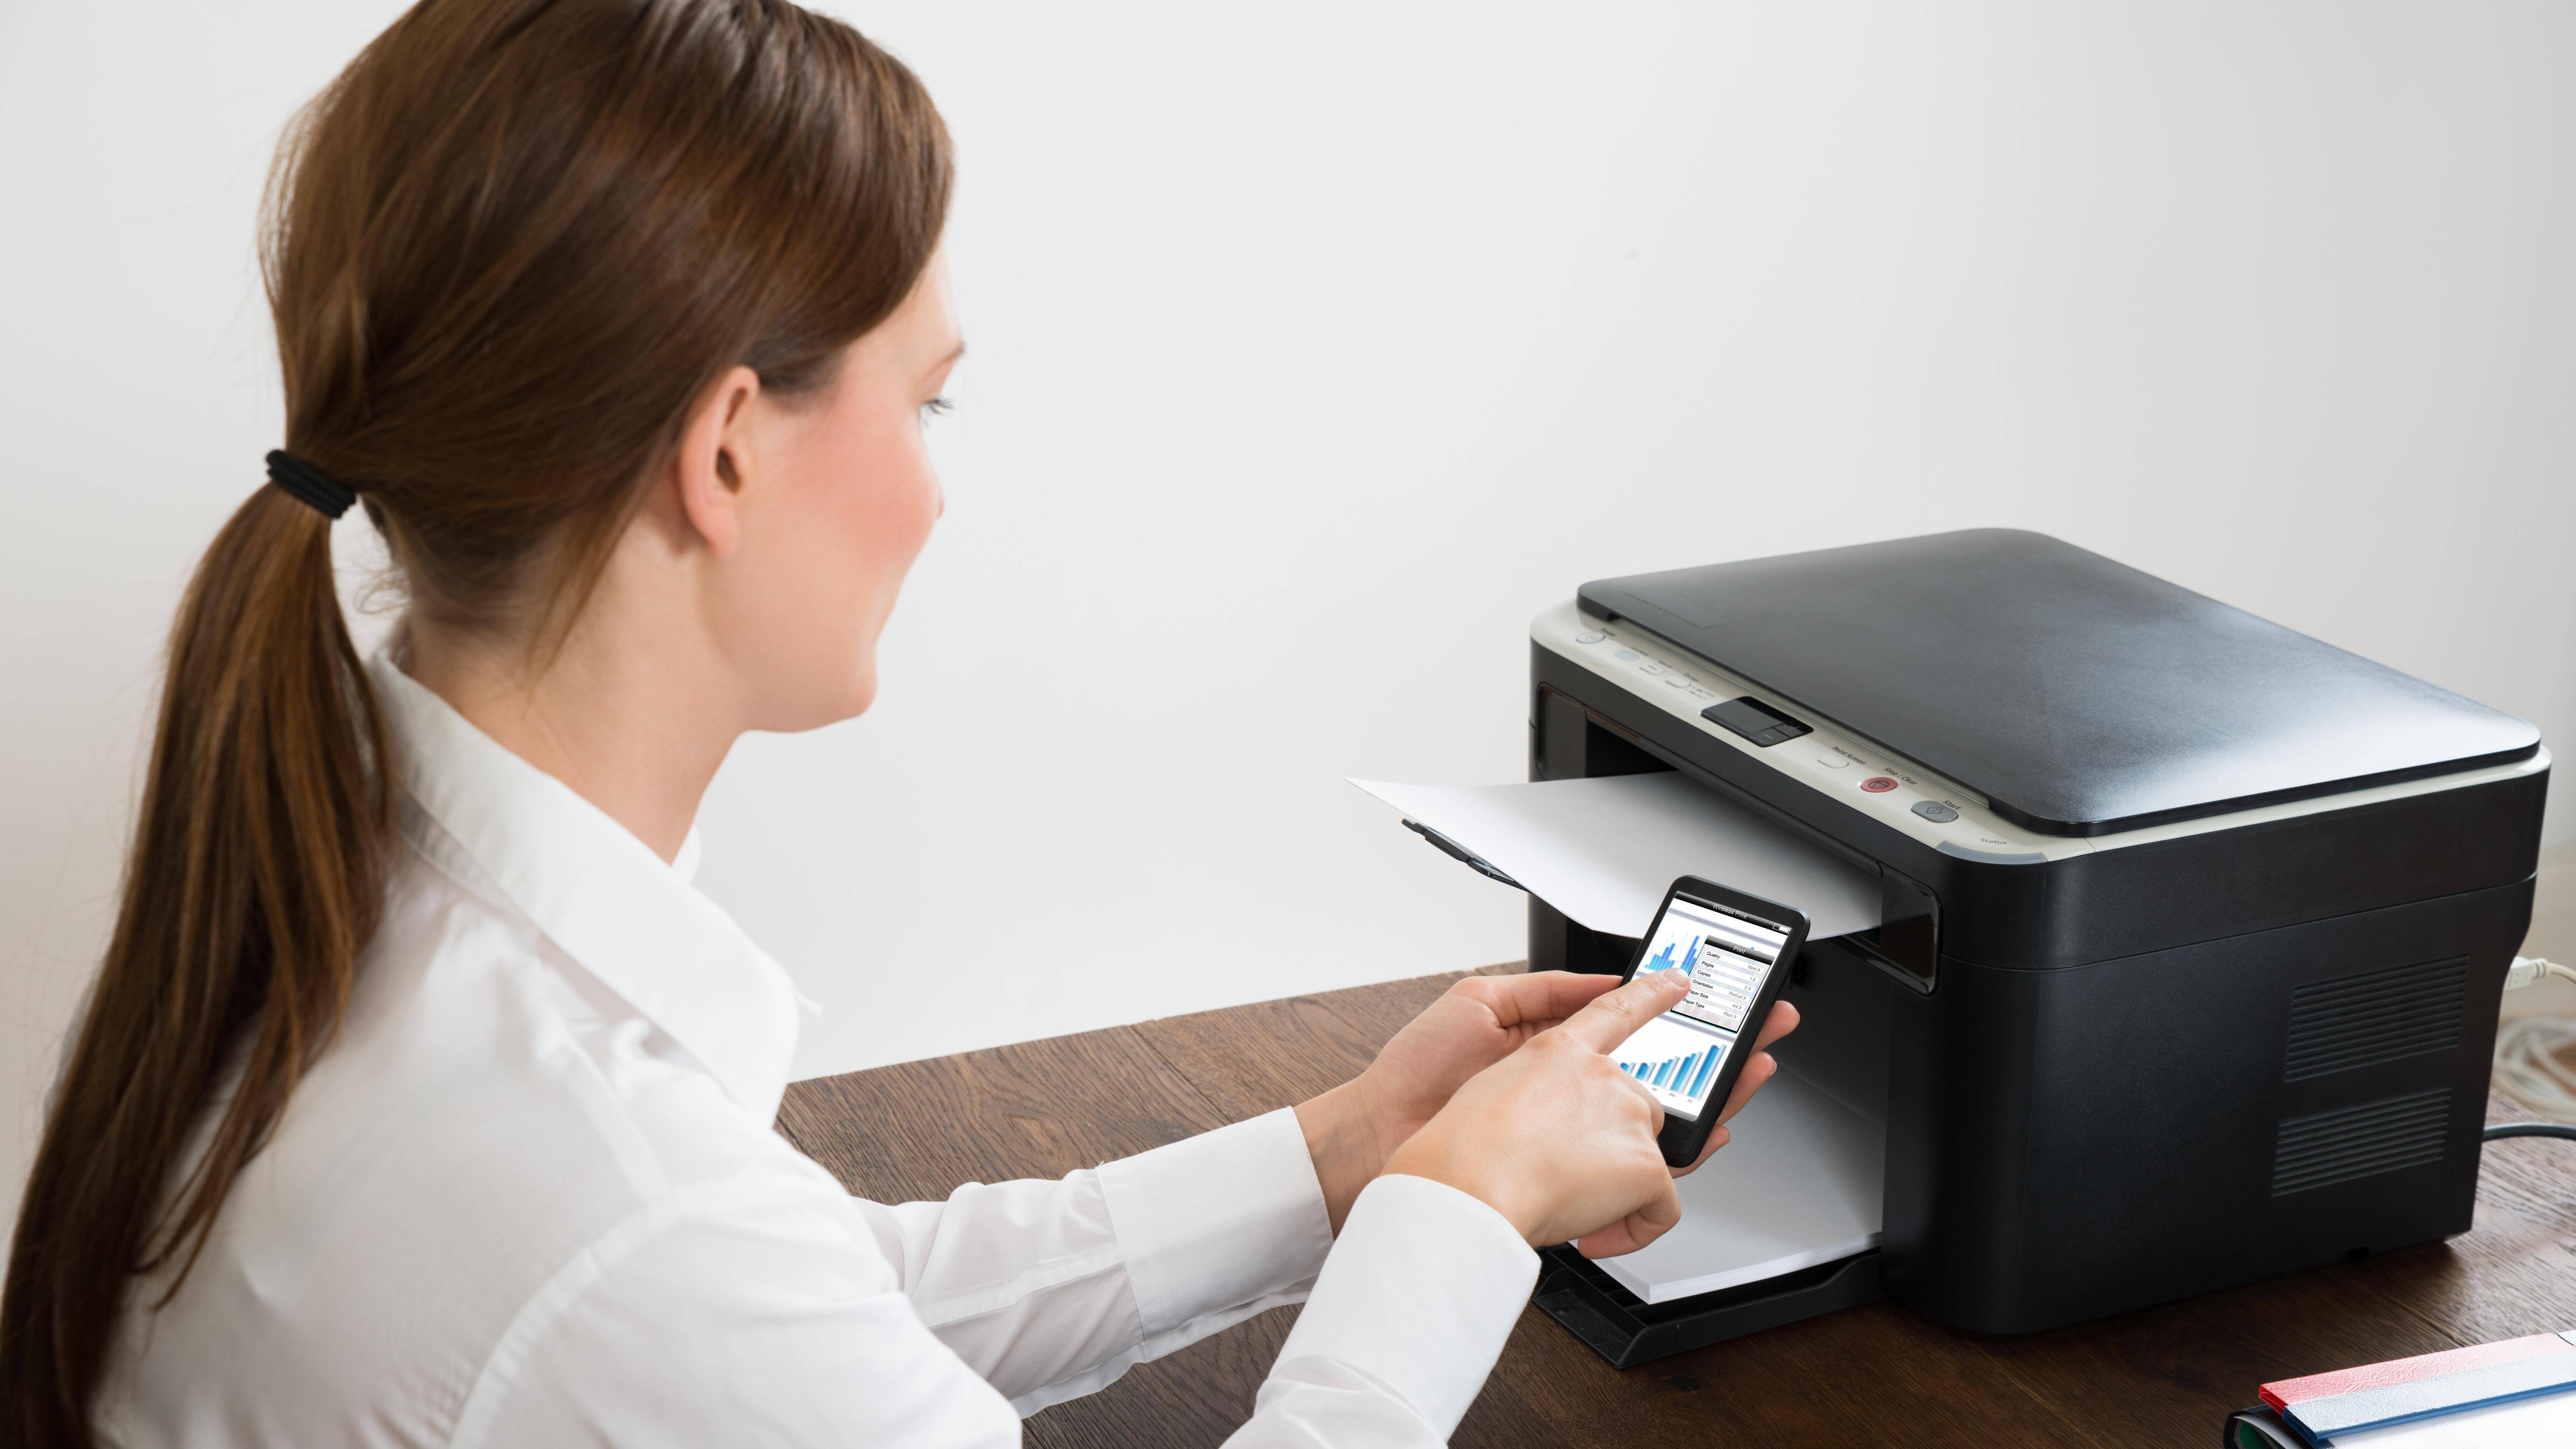 Brother-Drucker mit WLAN verbinden: Einfache Anleitung